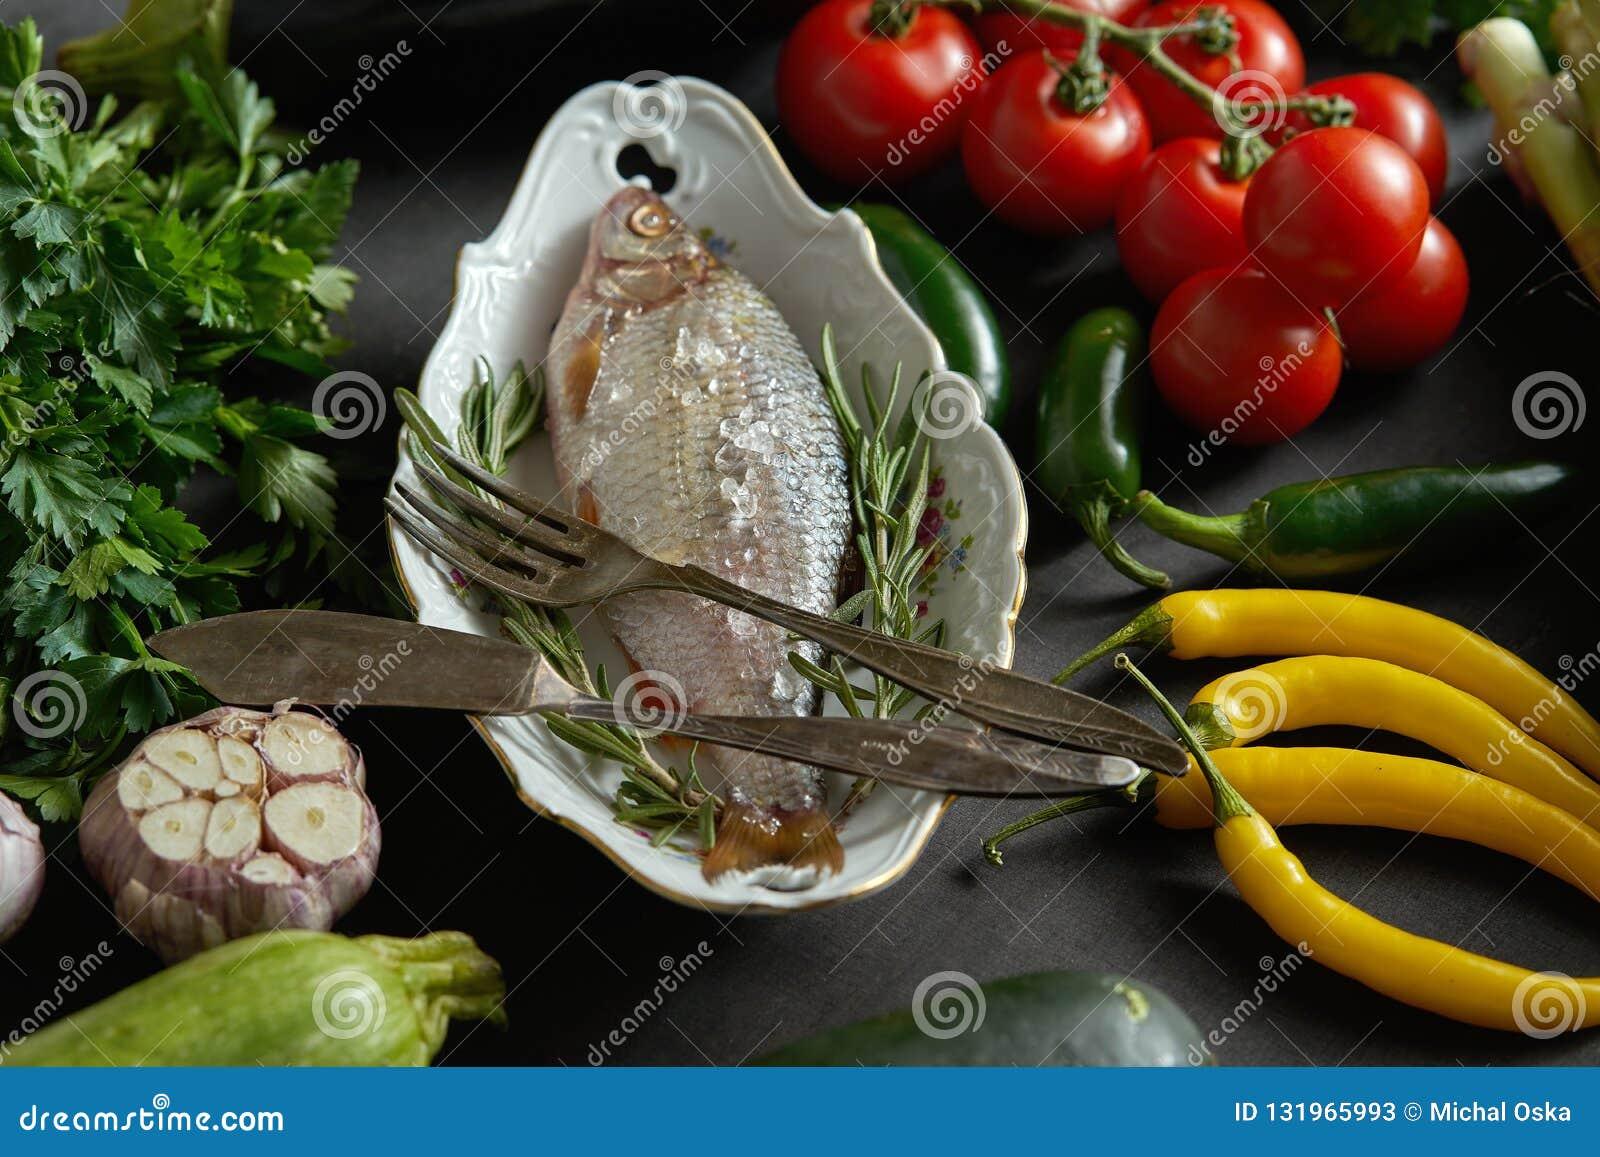 Frische rohe dorada Fische in einem weißen Teller mit einem Satz Gemüse auf einer schwarzen Tabelle